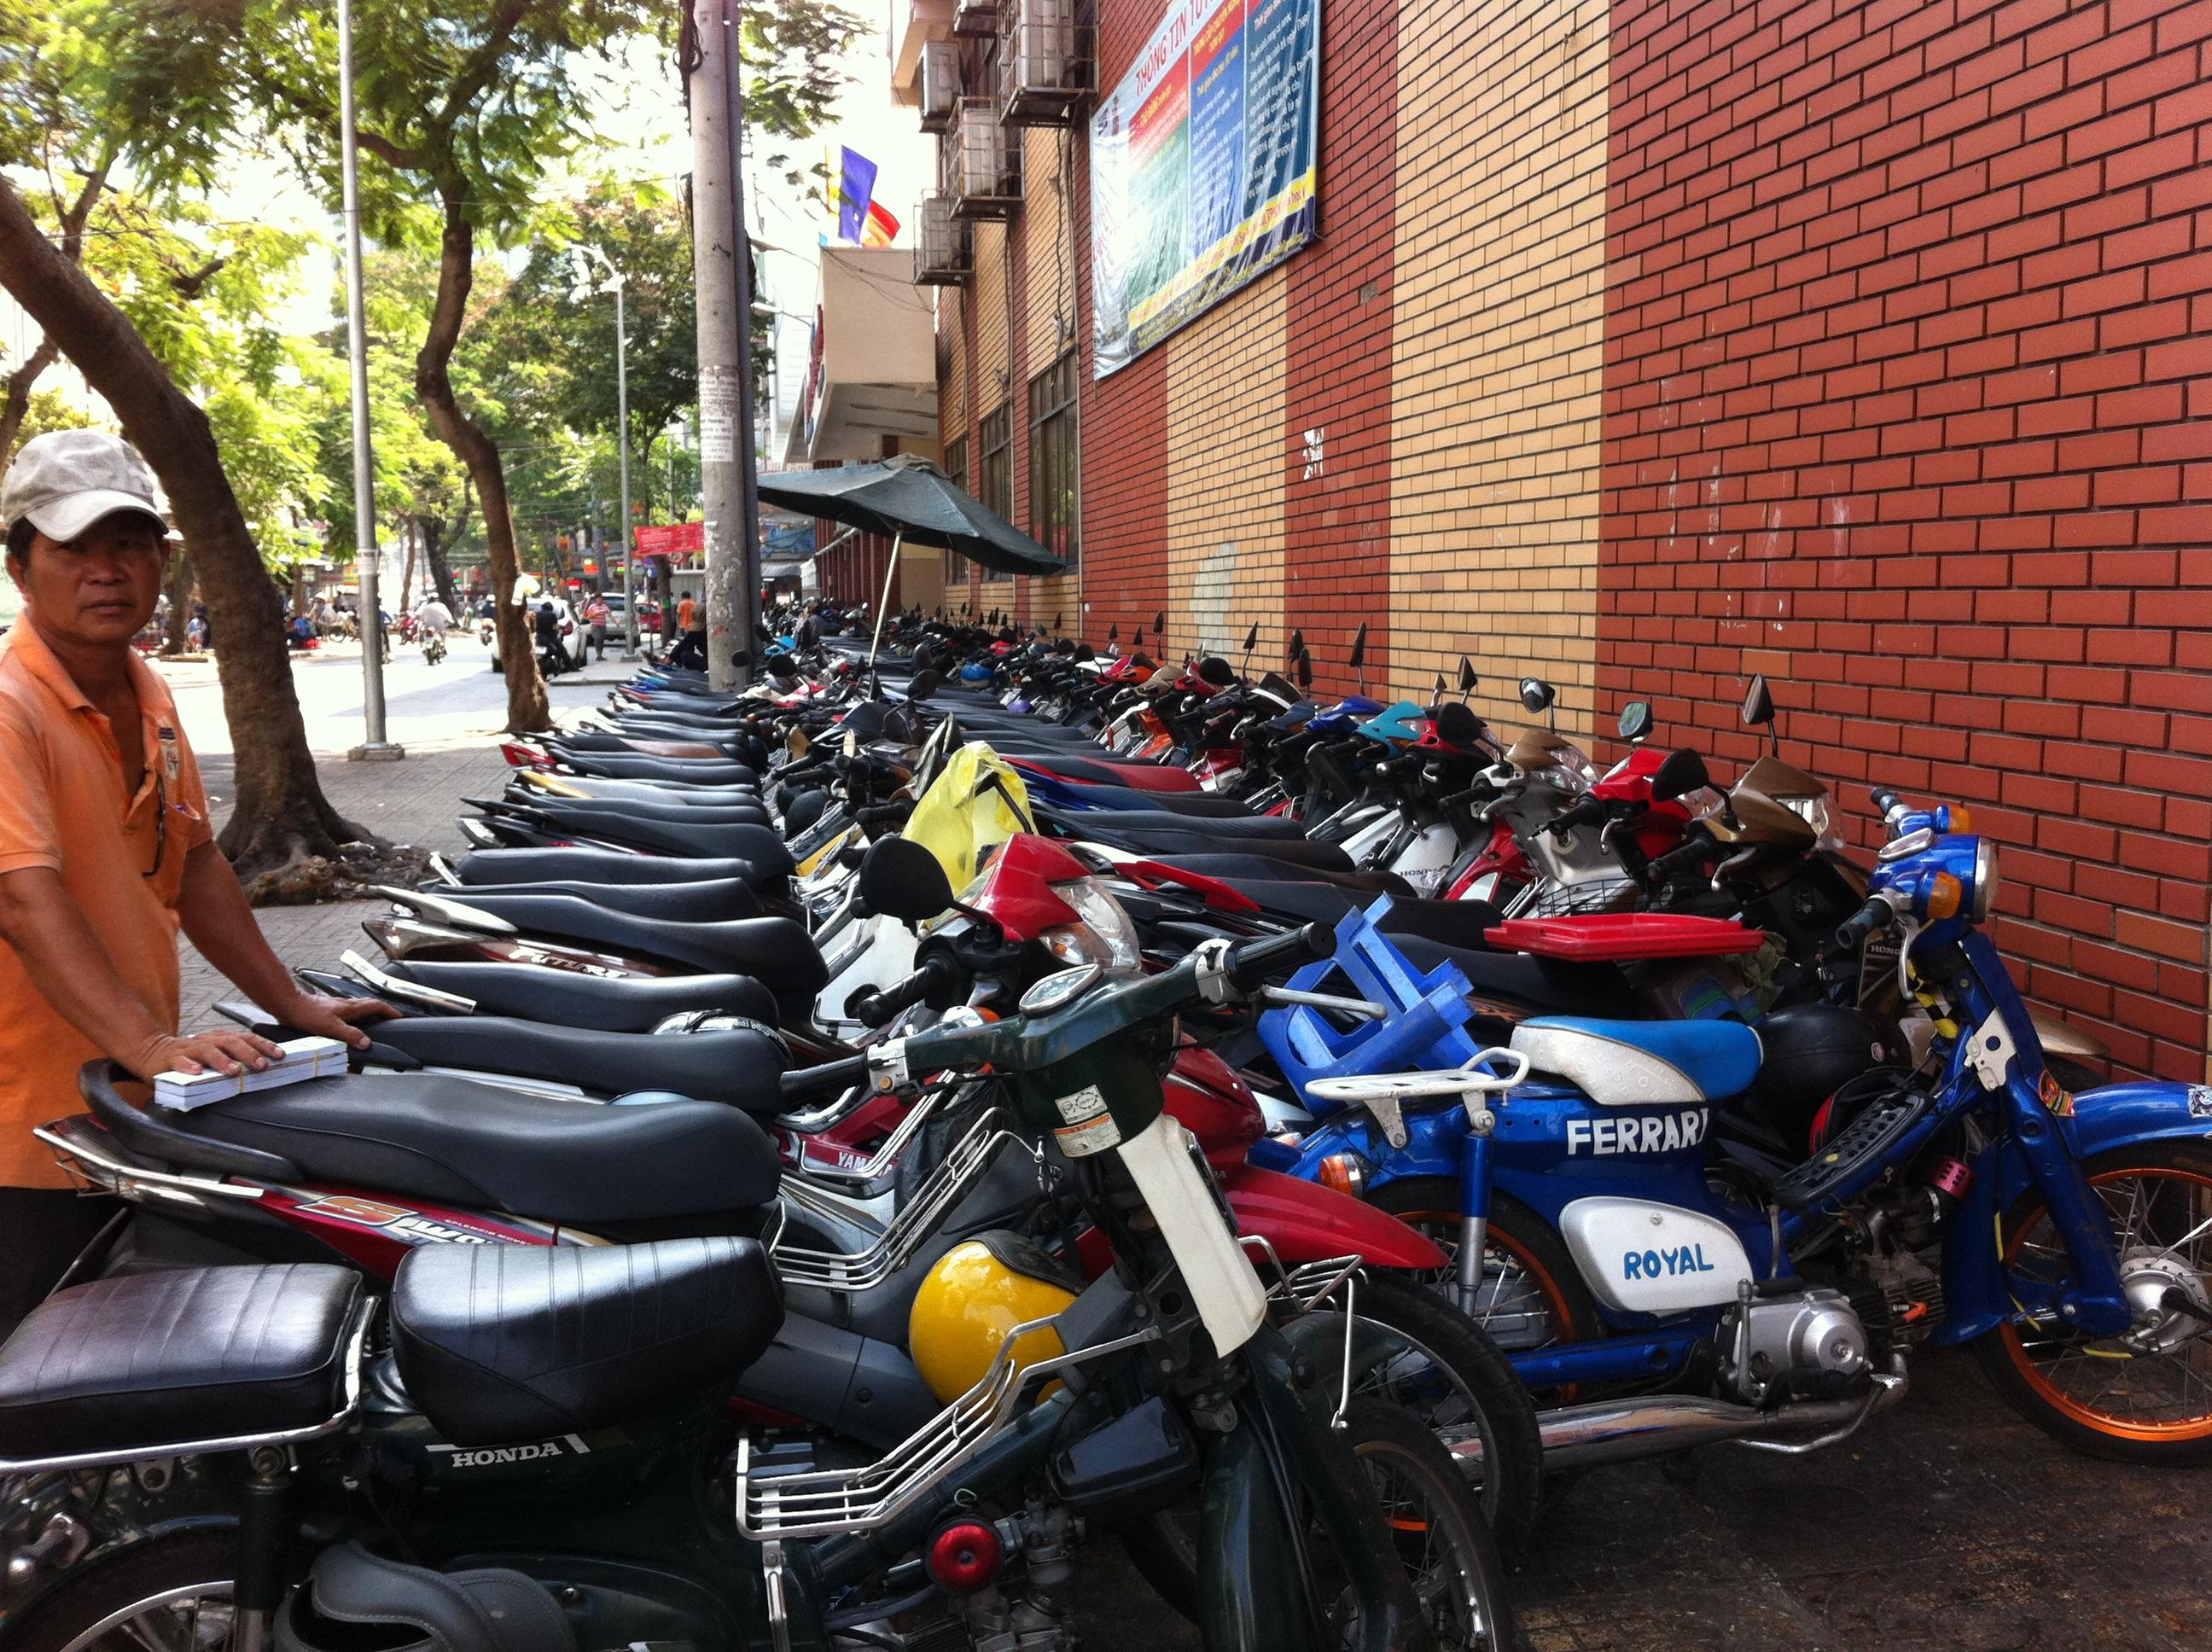 Yvonderweg - Hallo Ho Chi Minh! - Motorbikes in Ho Chi Minh